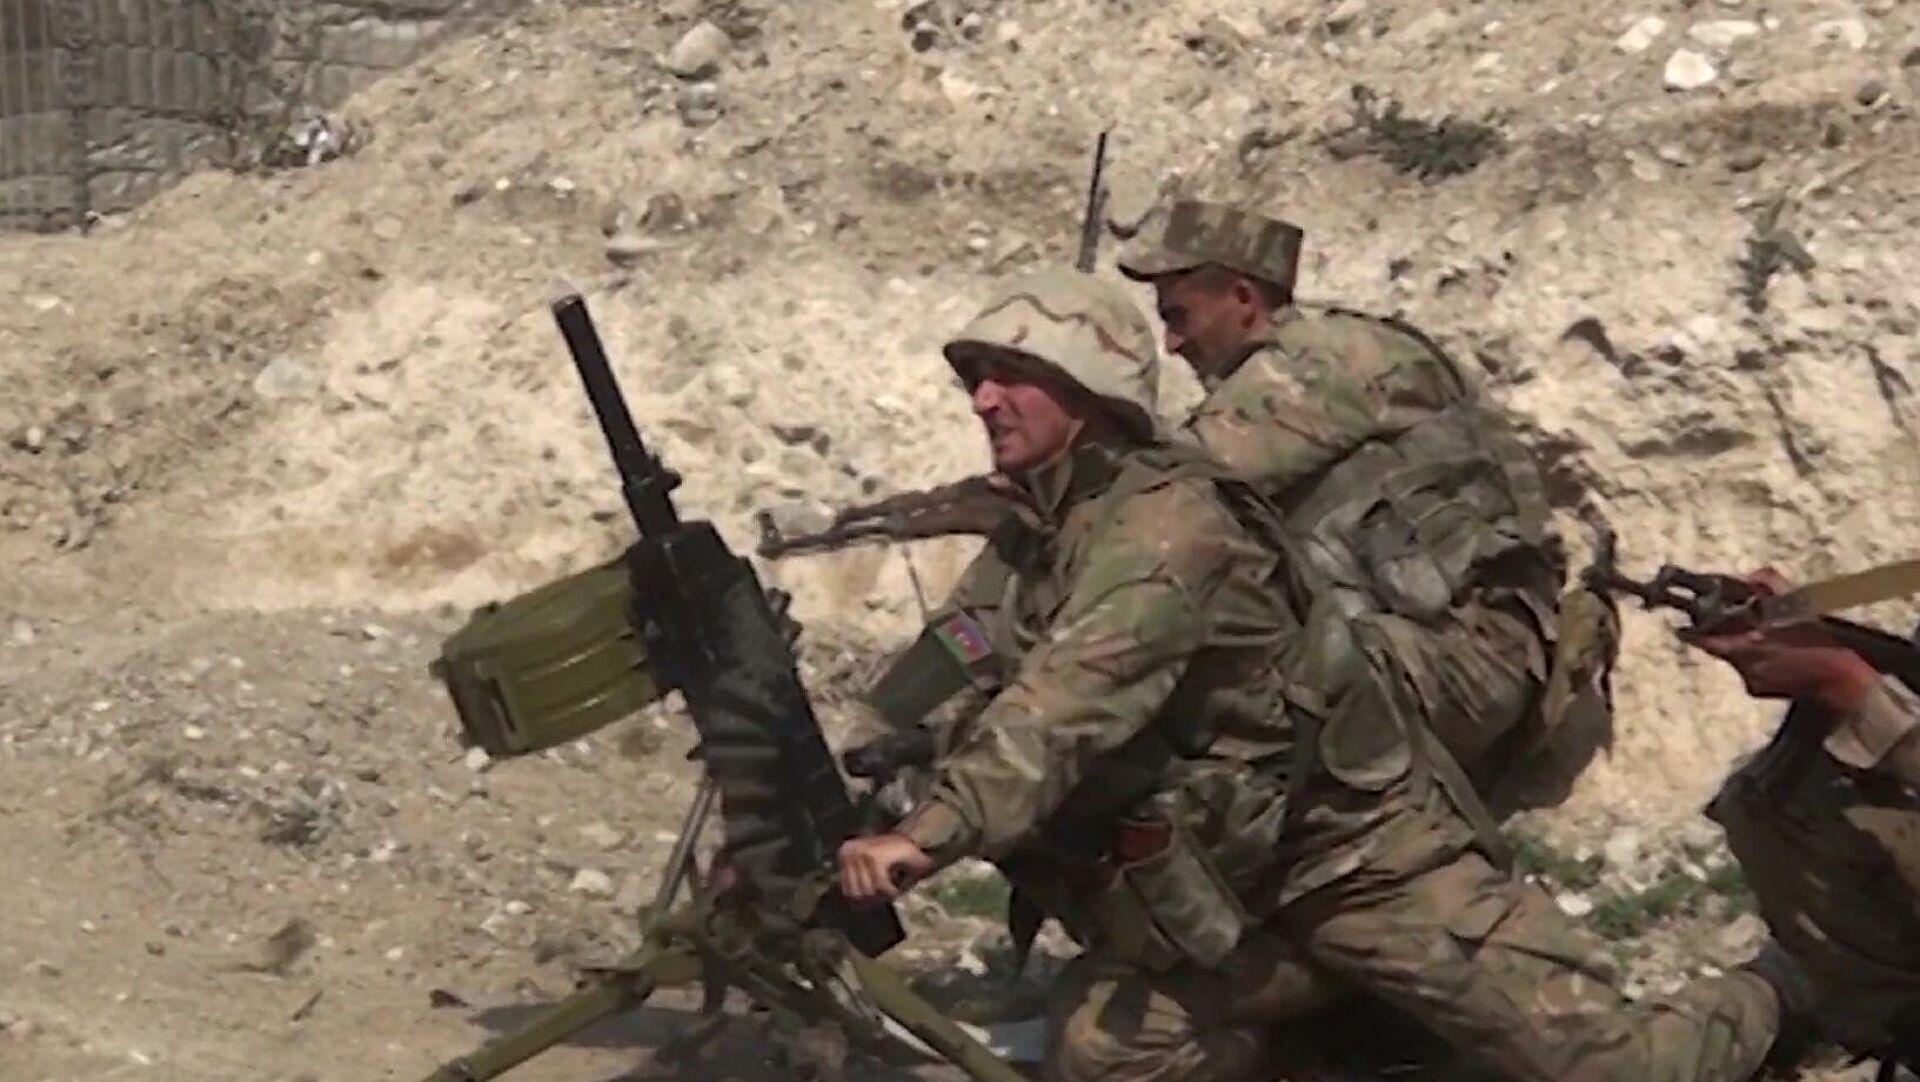 【炮兵社区app177】_阿塞拜疆称亚美尼亚550名士兵在冲突中阵亡,亚美尼亚反驳